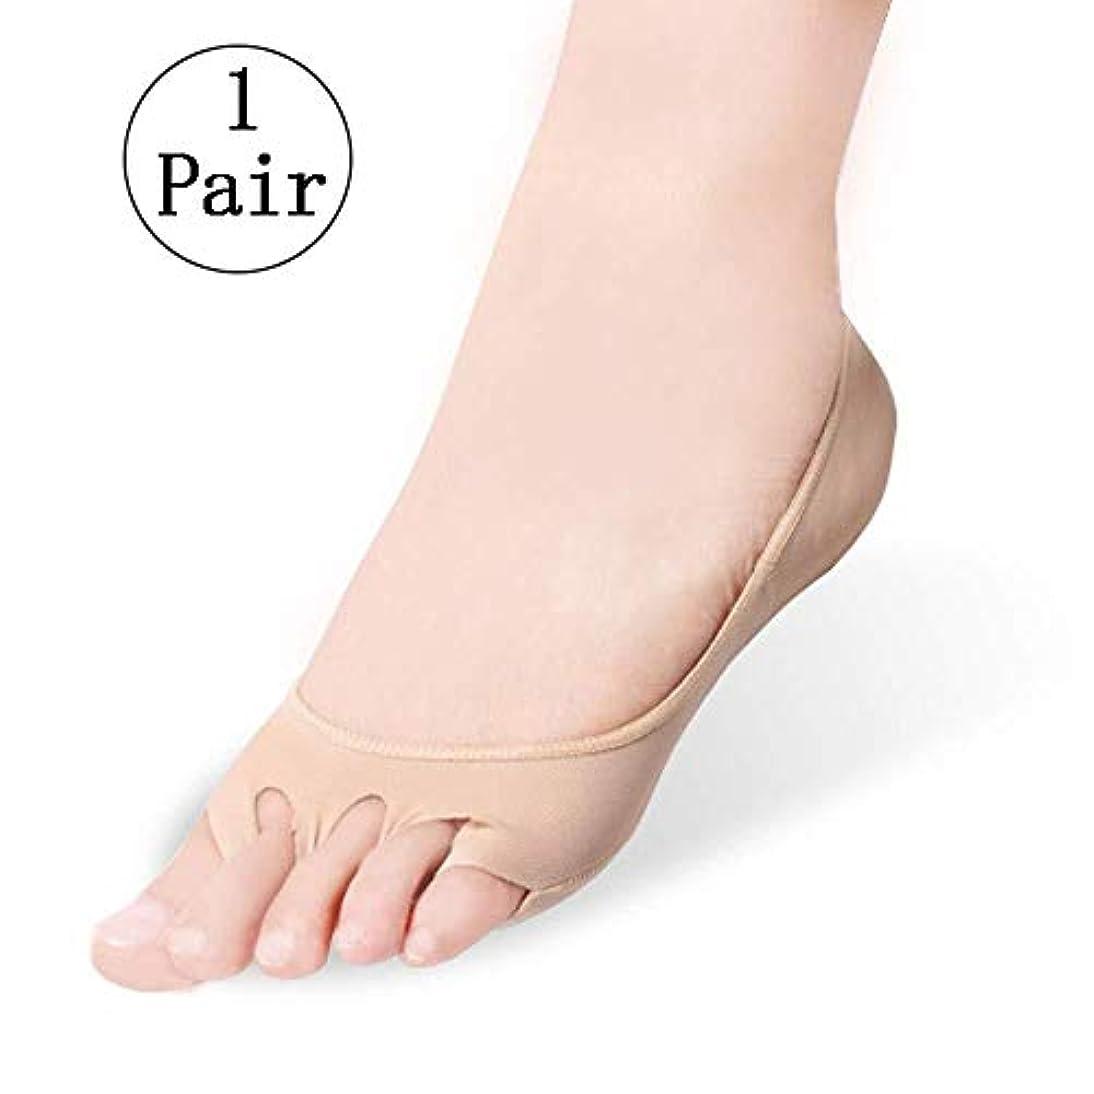 可能性序文他の場所つま先セパレーター、快適で通気性、伸縮性に優れ、腱膜痛、外反母hall、足の親指の調整を緩和